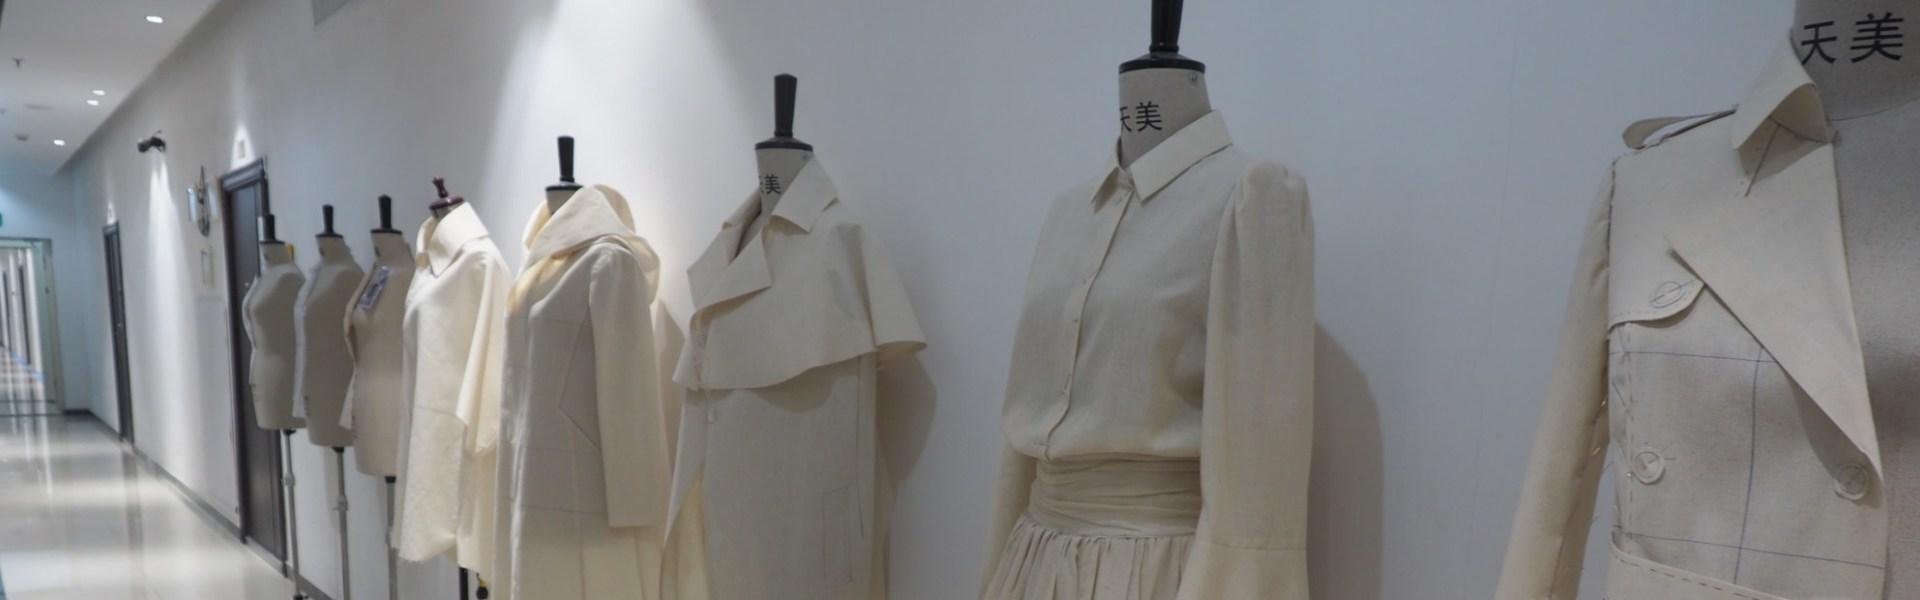 郑州服装打版培训